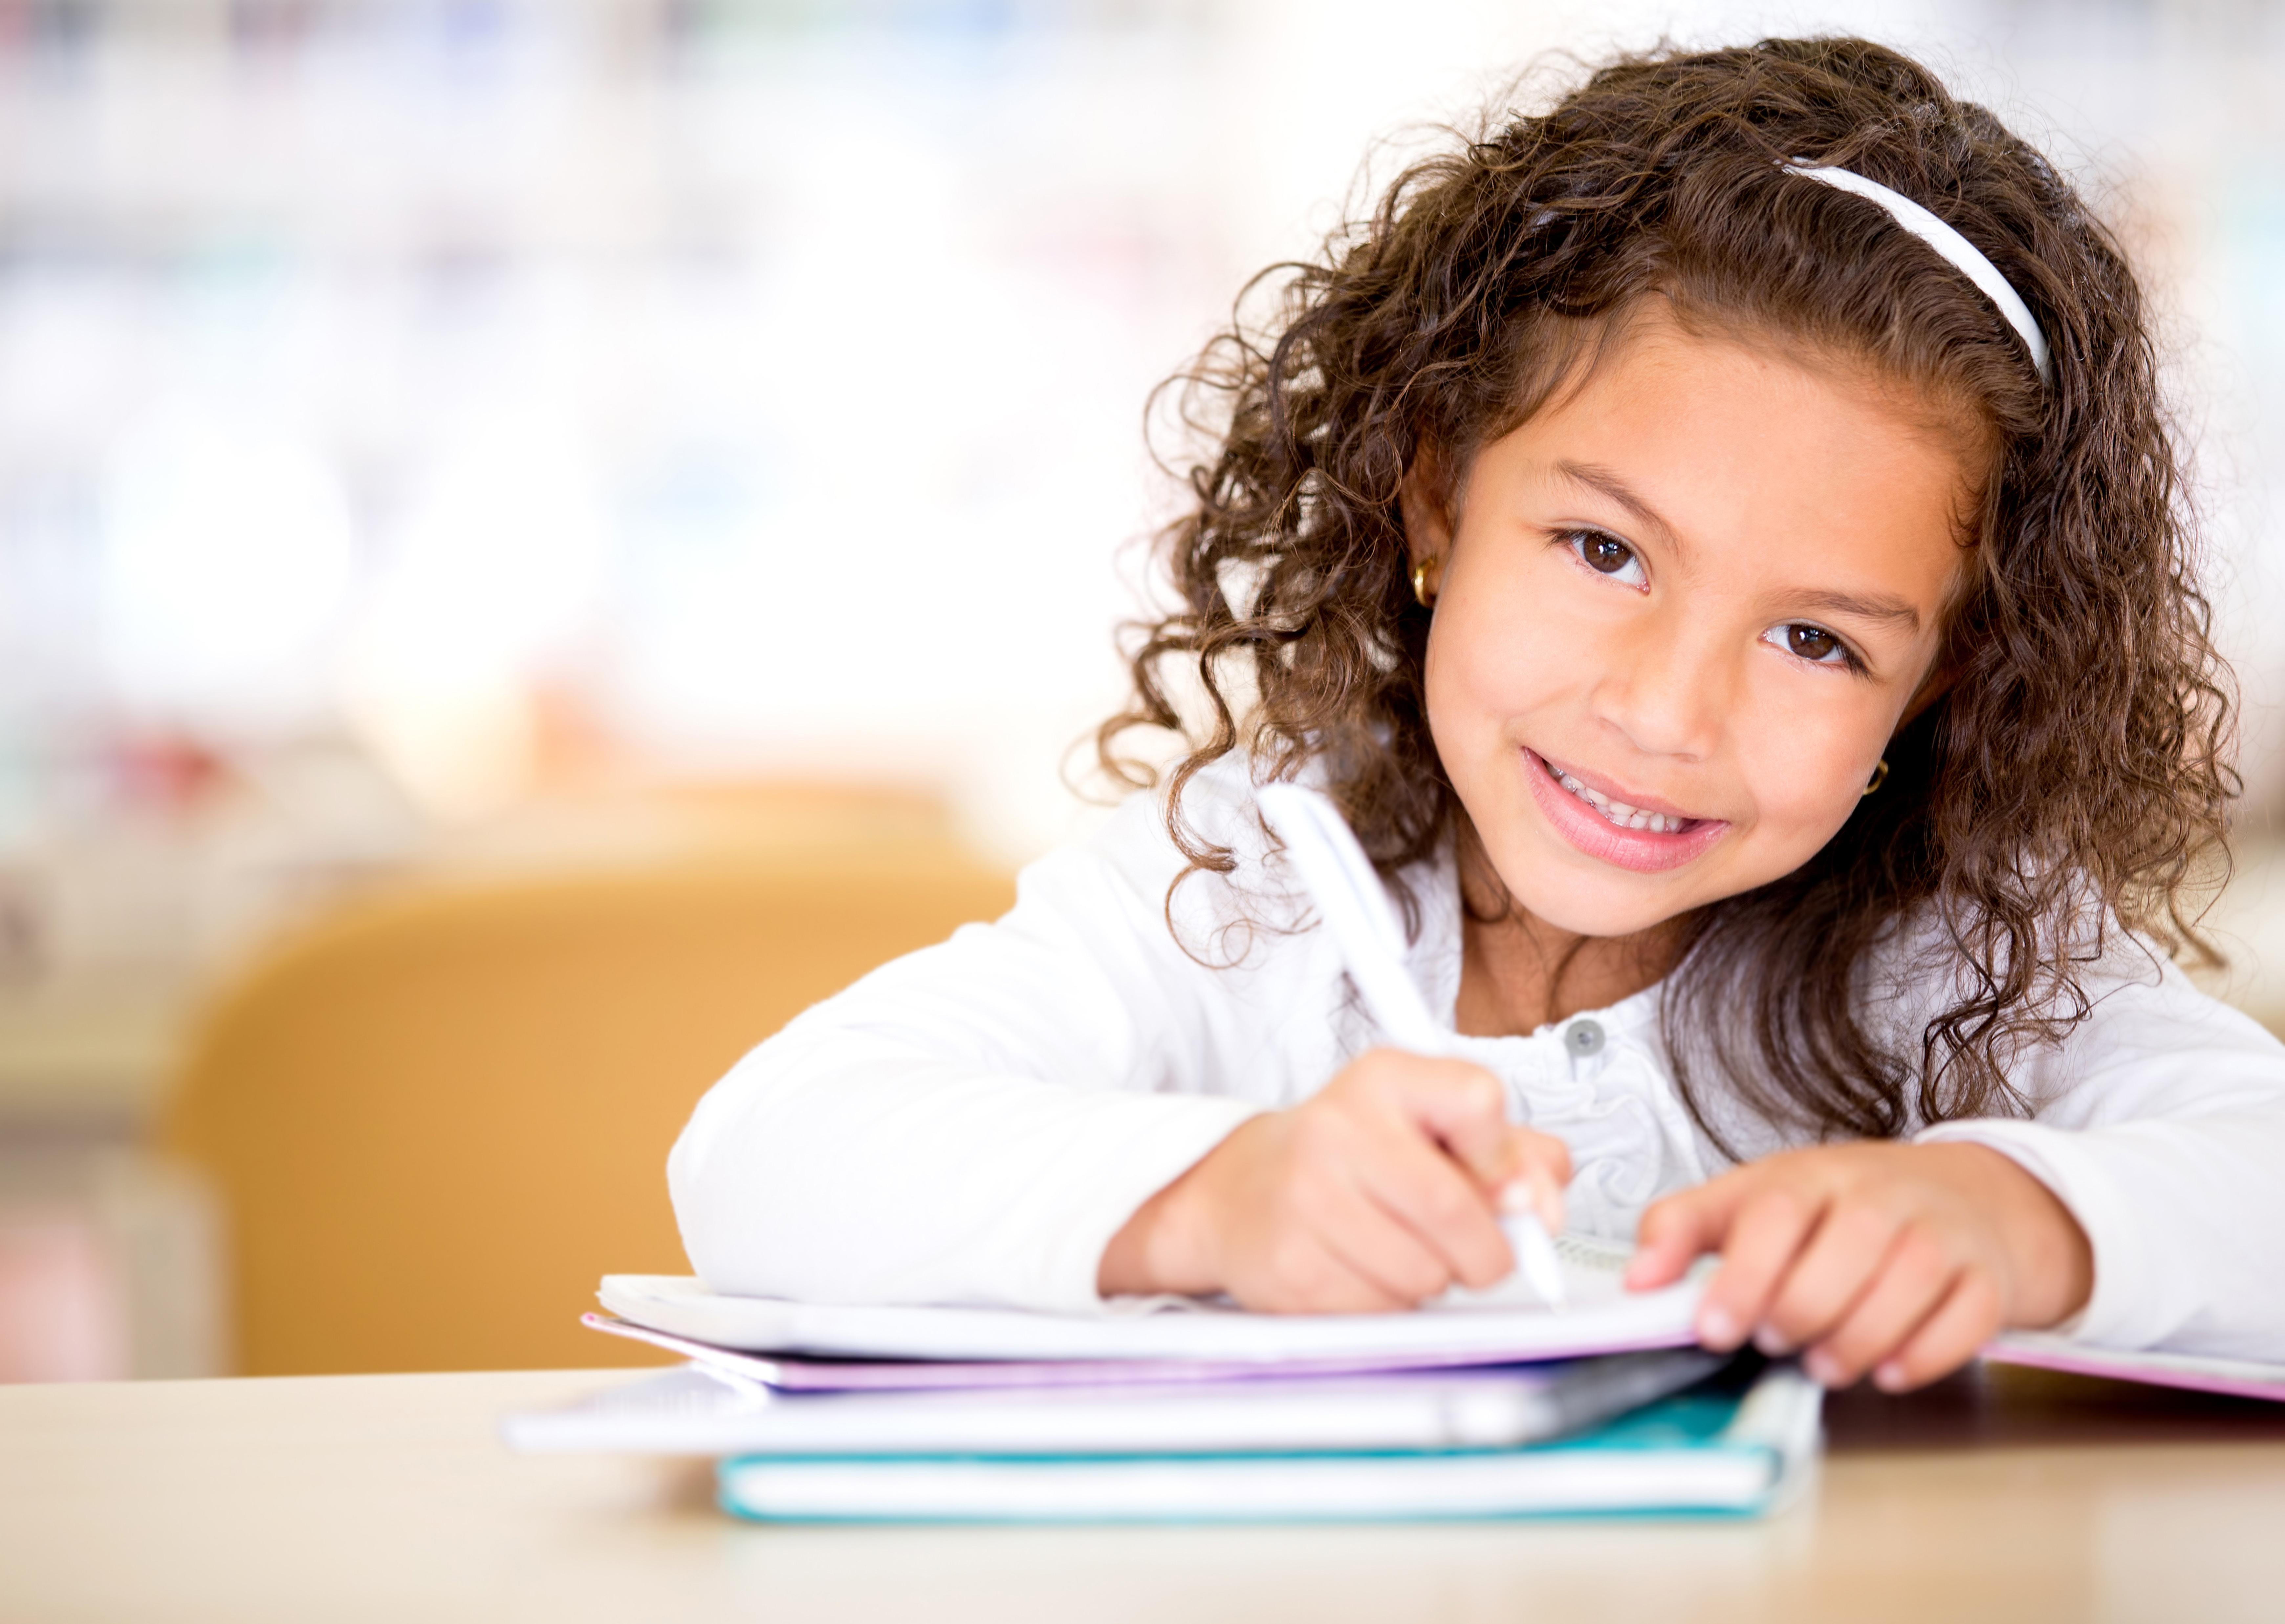 shutterstock_119721871 kid smile